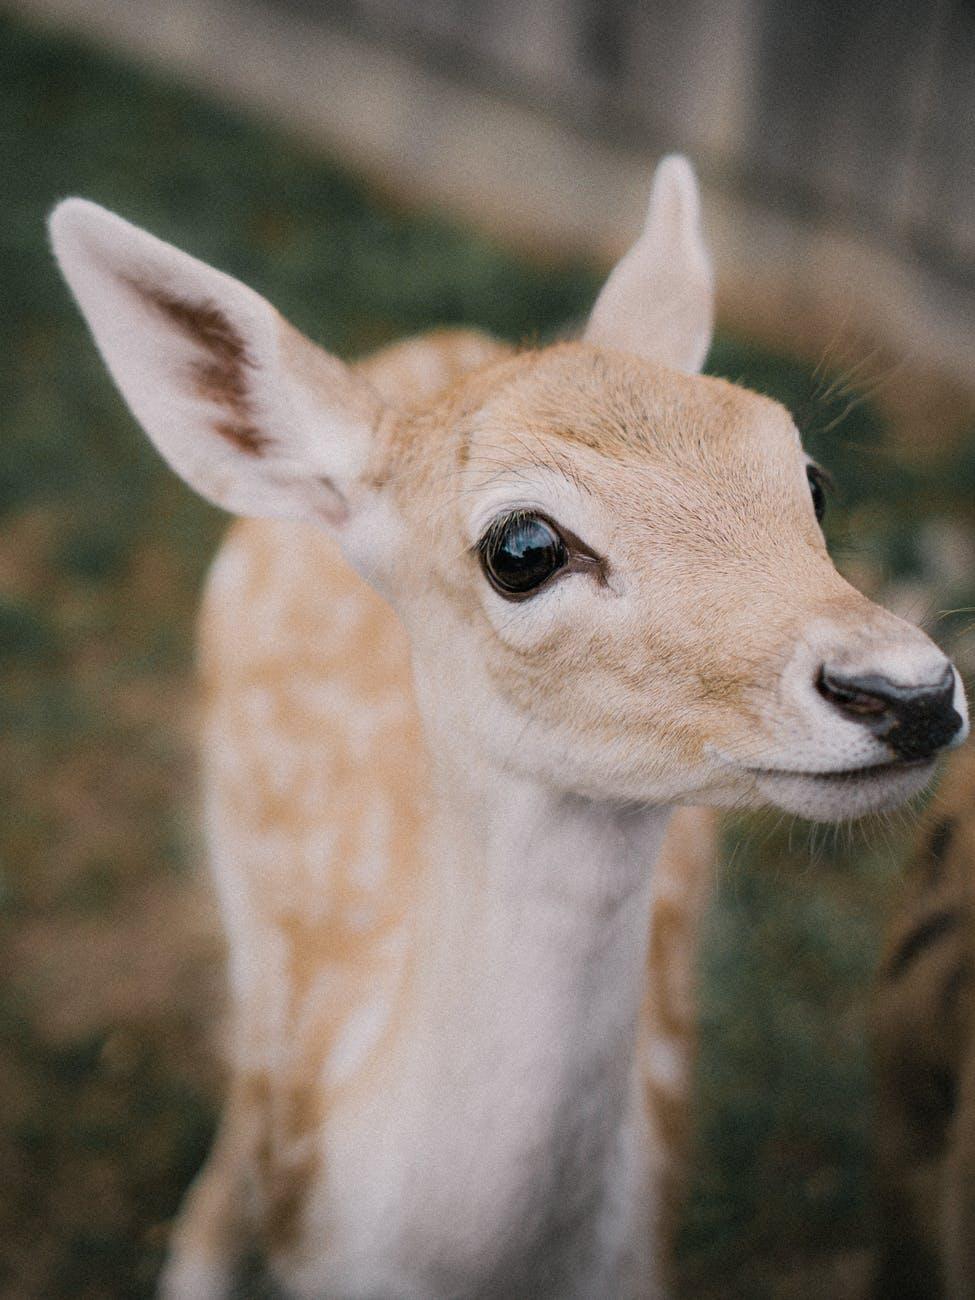 baby roe deer standing and looking